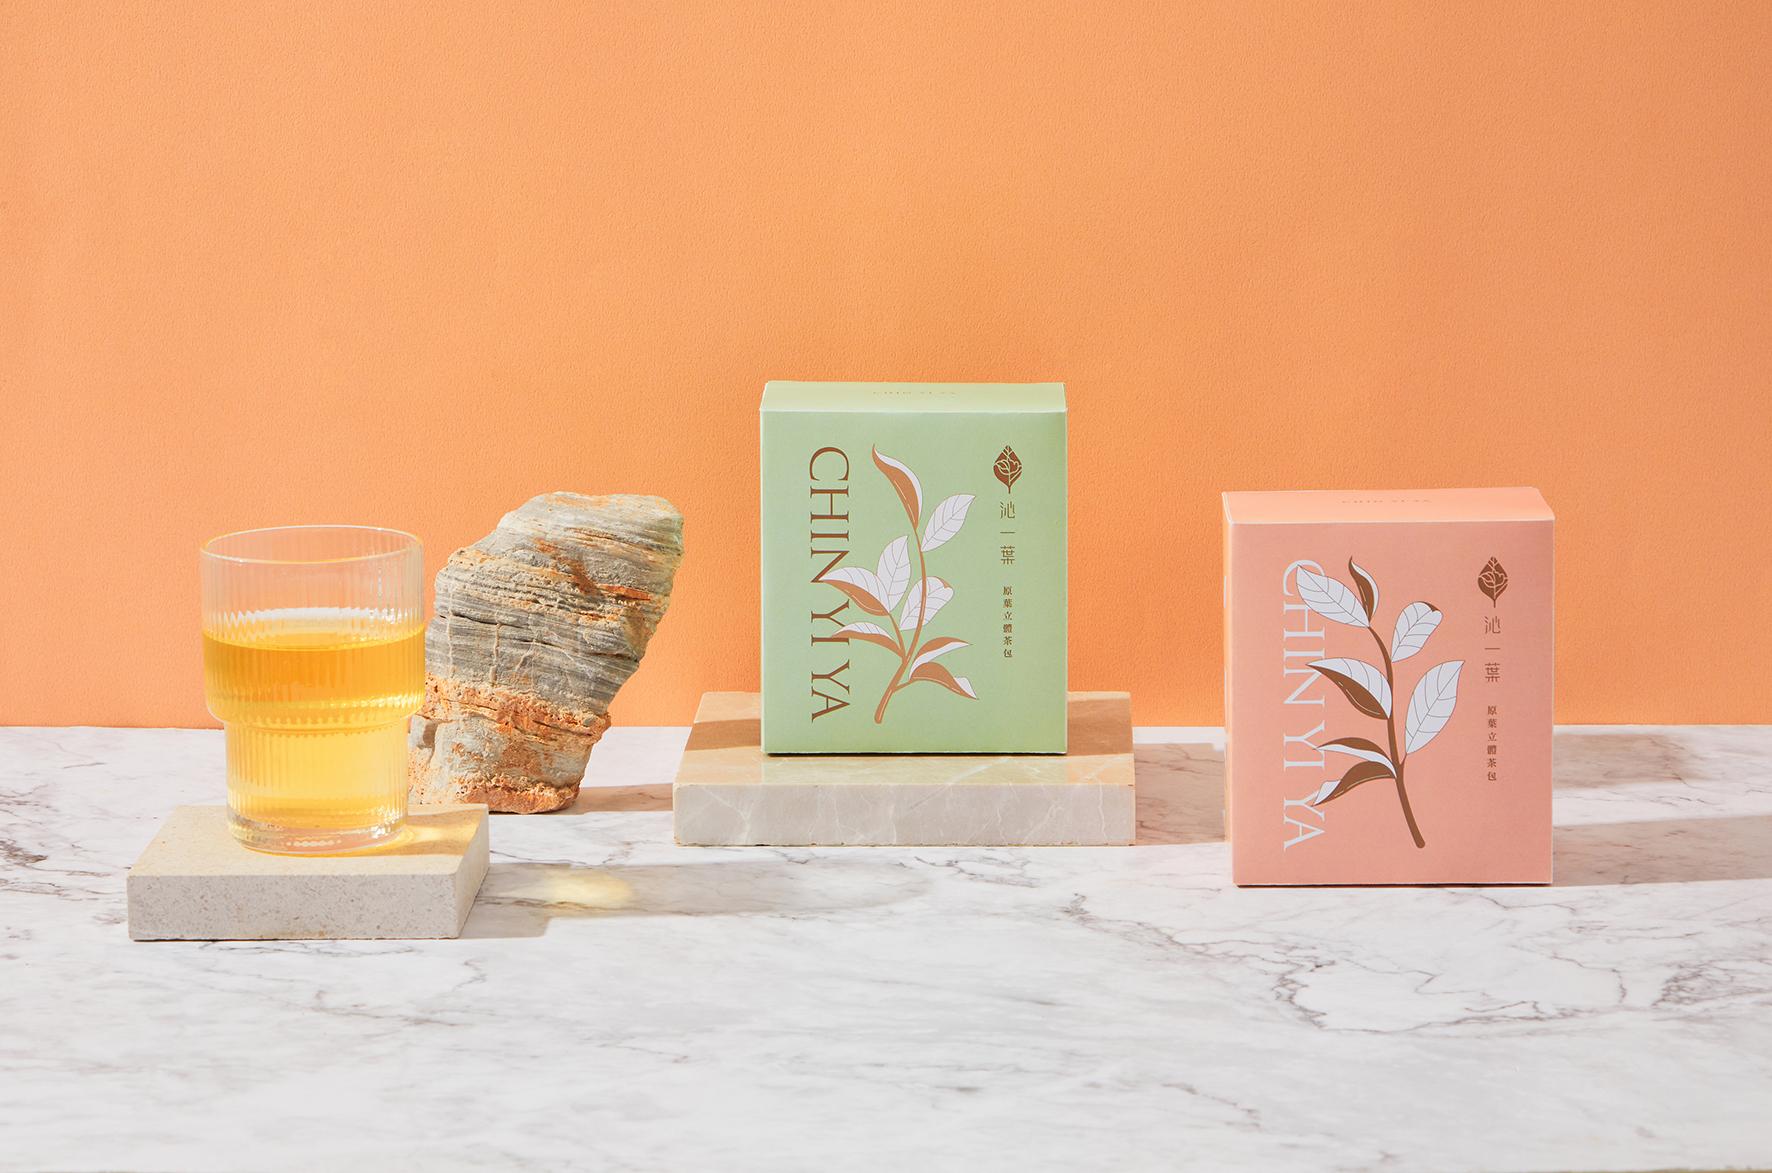 Chin Yi Ya Tea Shop Packaging Designed by Aaoo Studio